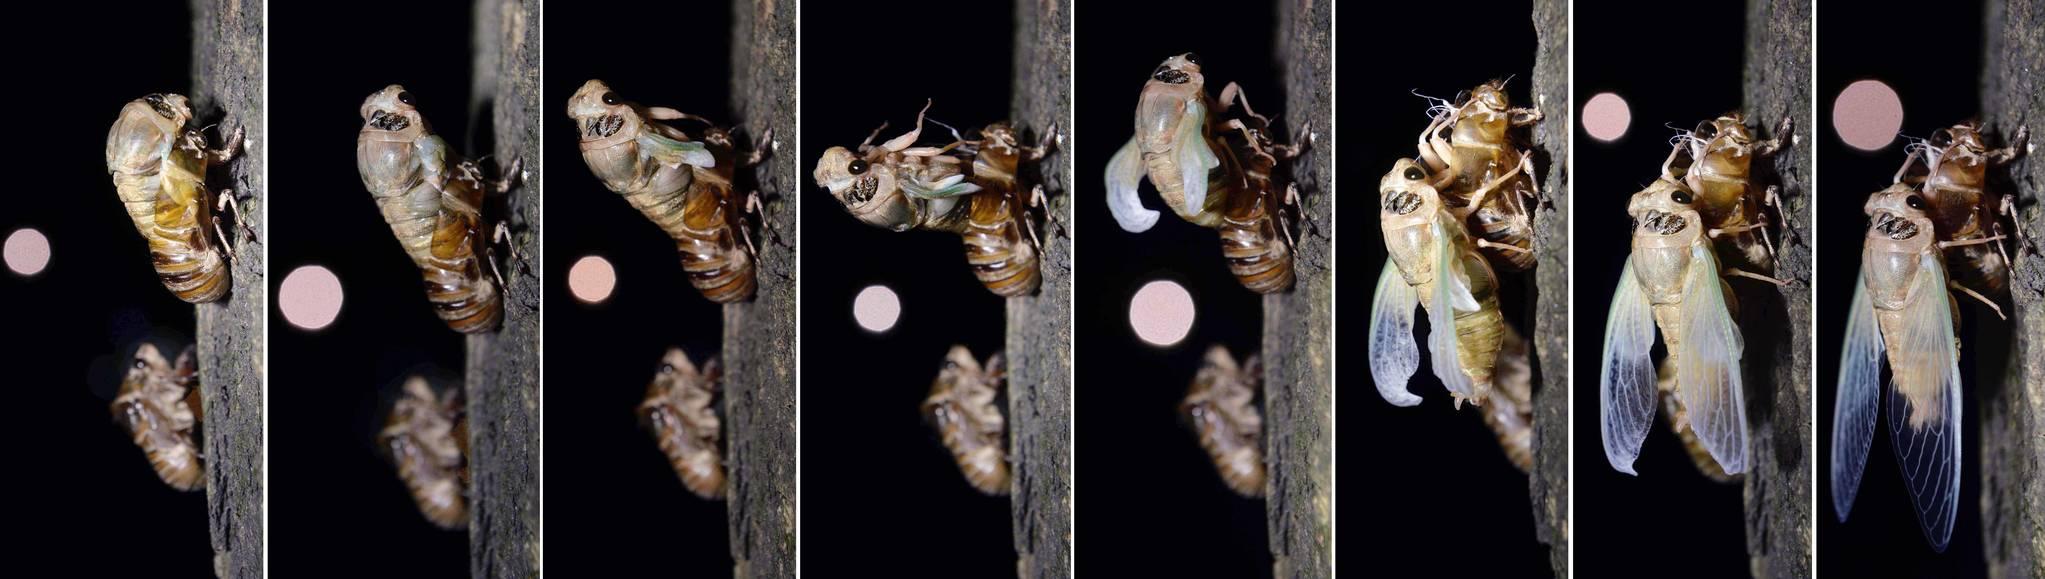 아까시나무에 매달린 매미 유충이 우화(羽化)하면서 매미 성충이 나오고 있다. 프리랜서 김성태